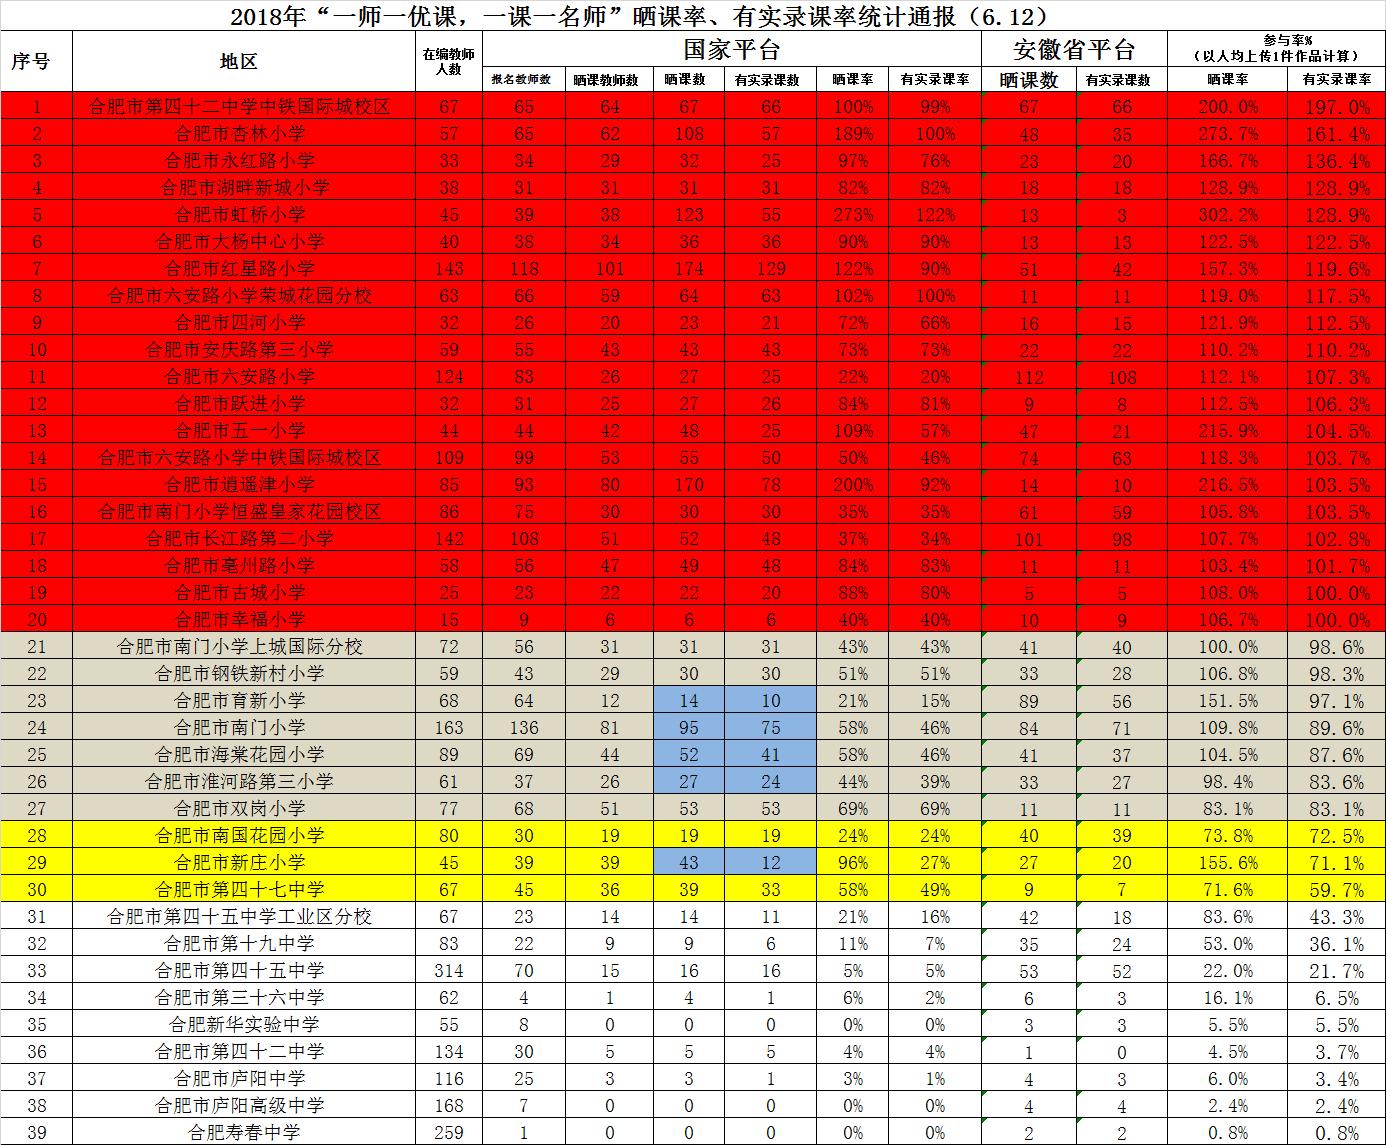 """2018年""""一师一优课,一课一名师""""晒课率  有实录课率统计通报(6.12)"""